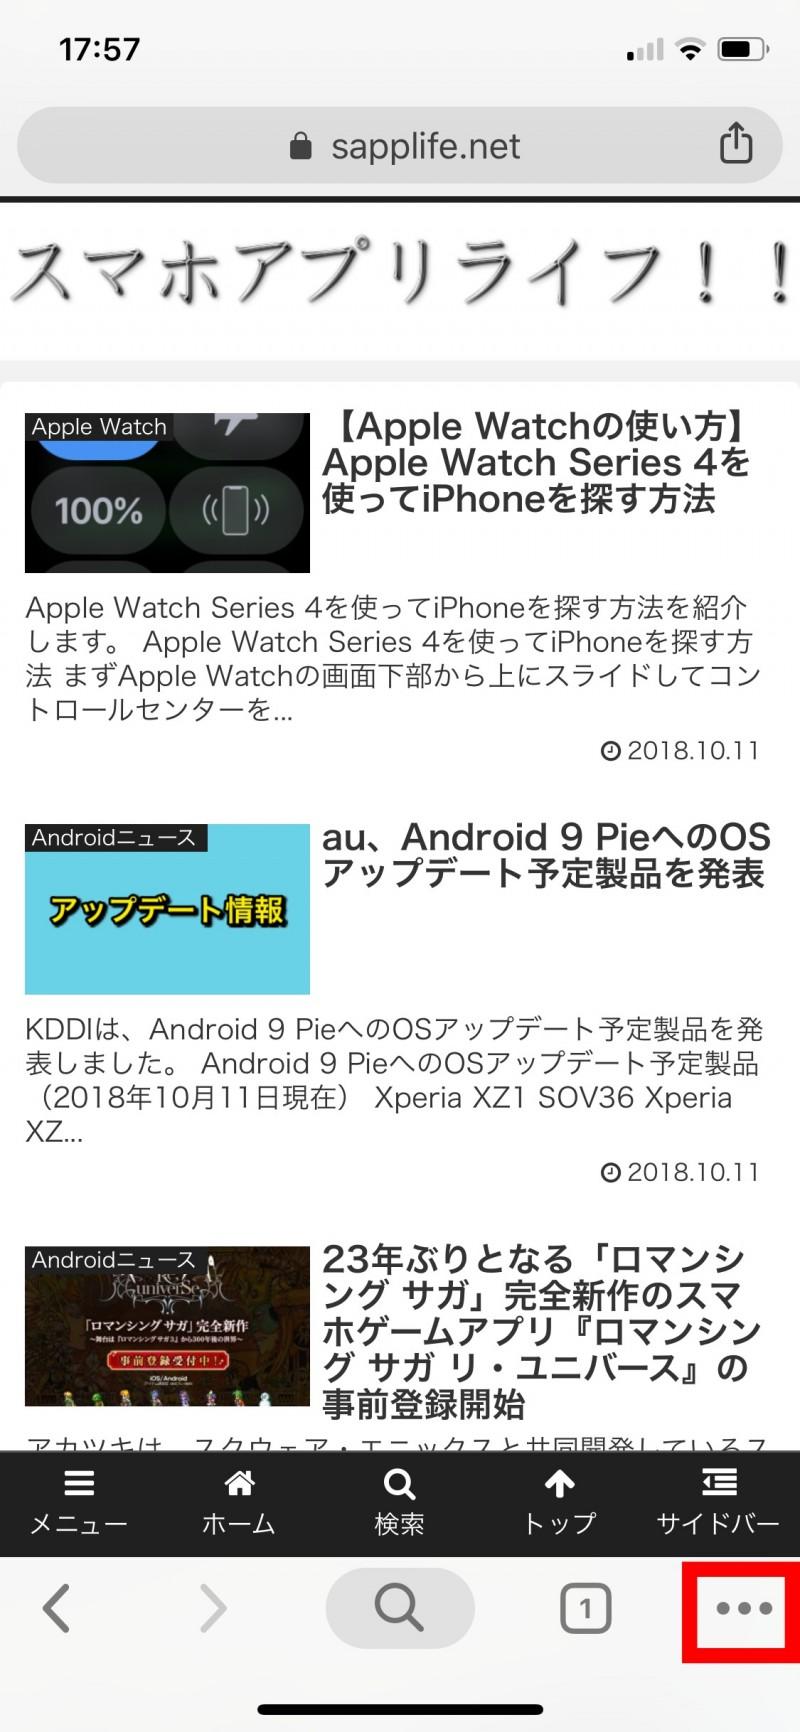 iPhoneでPC表示に切り替える方法